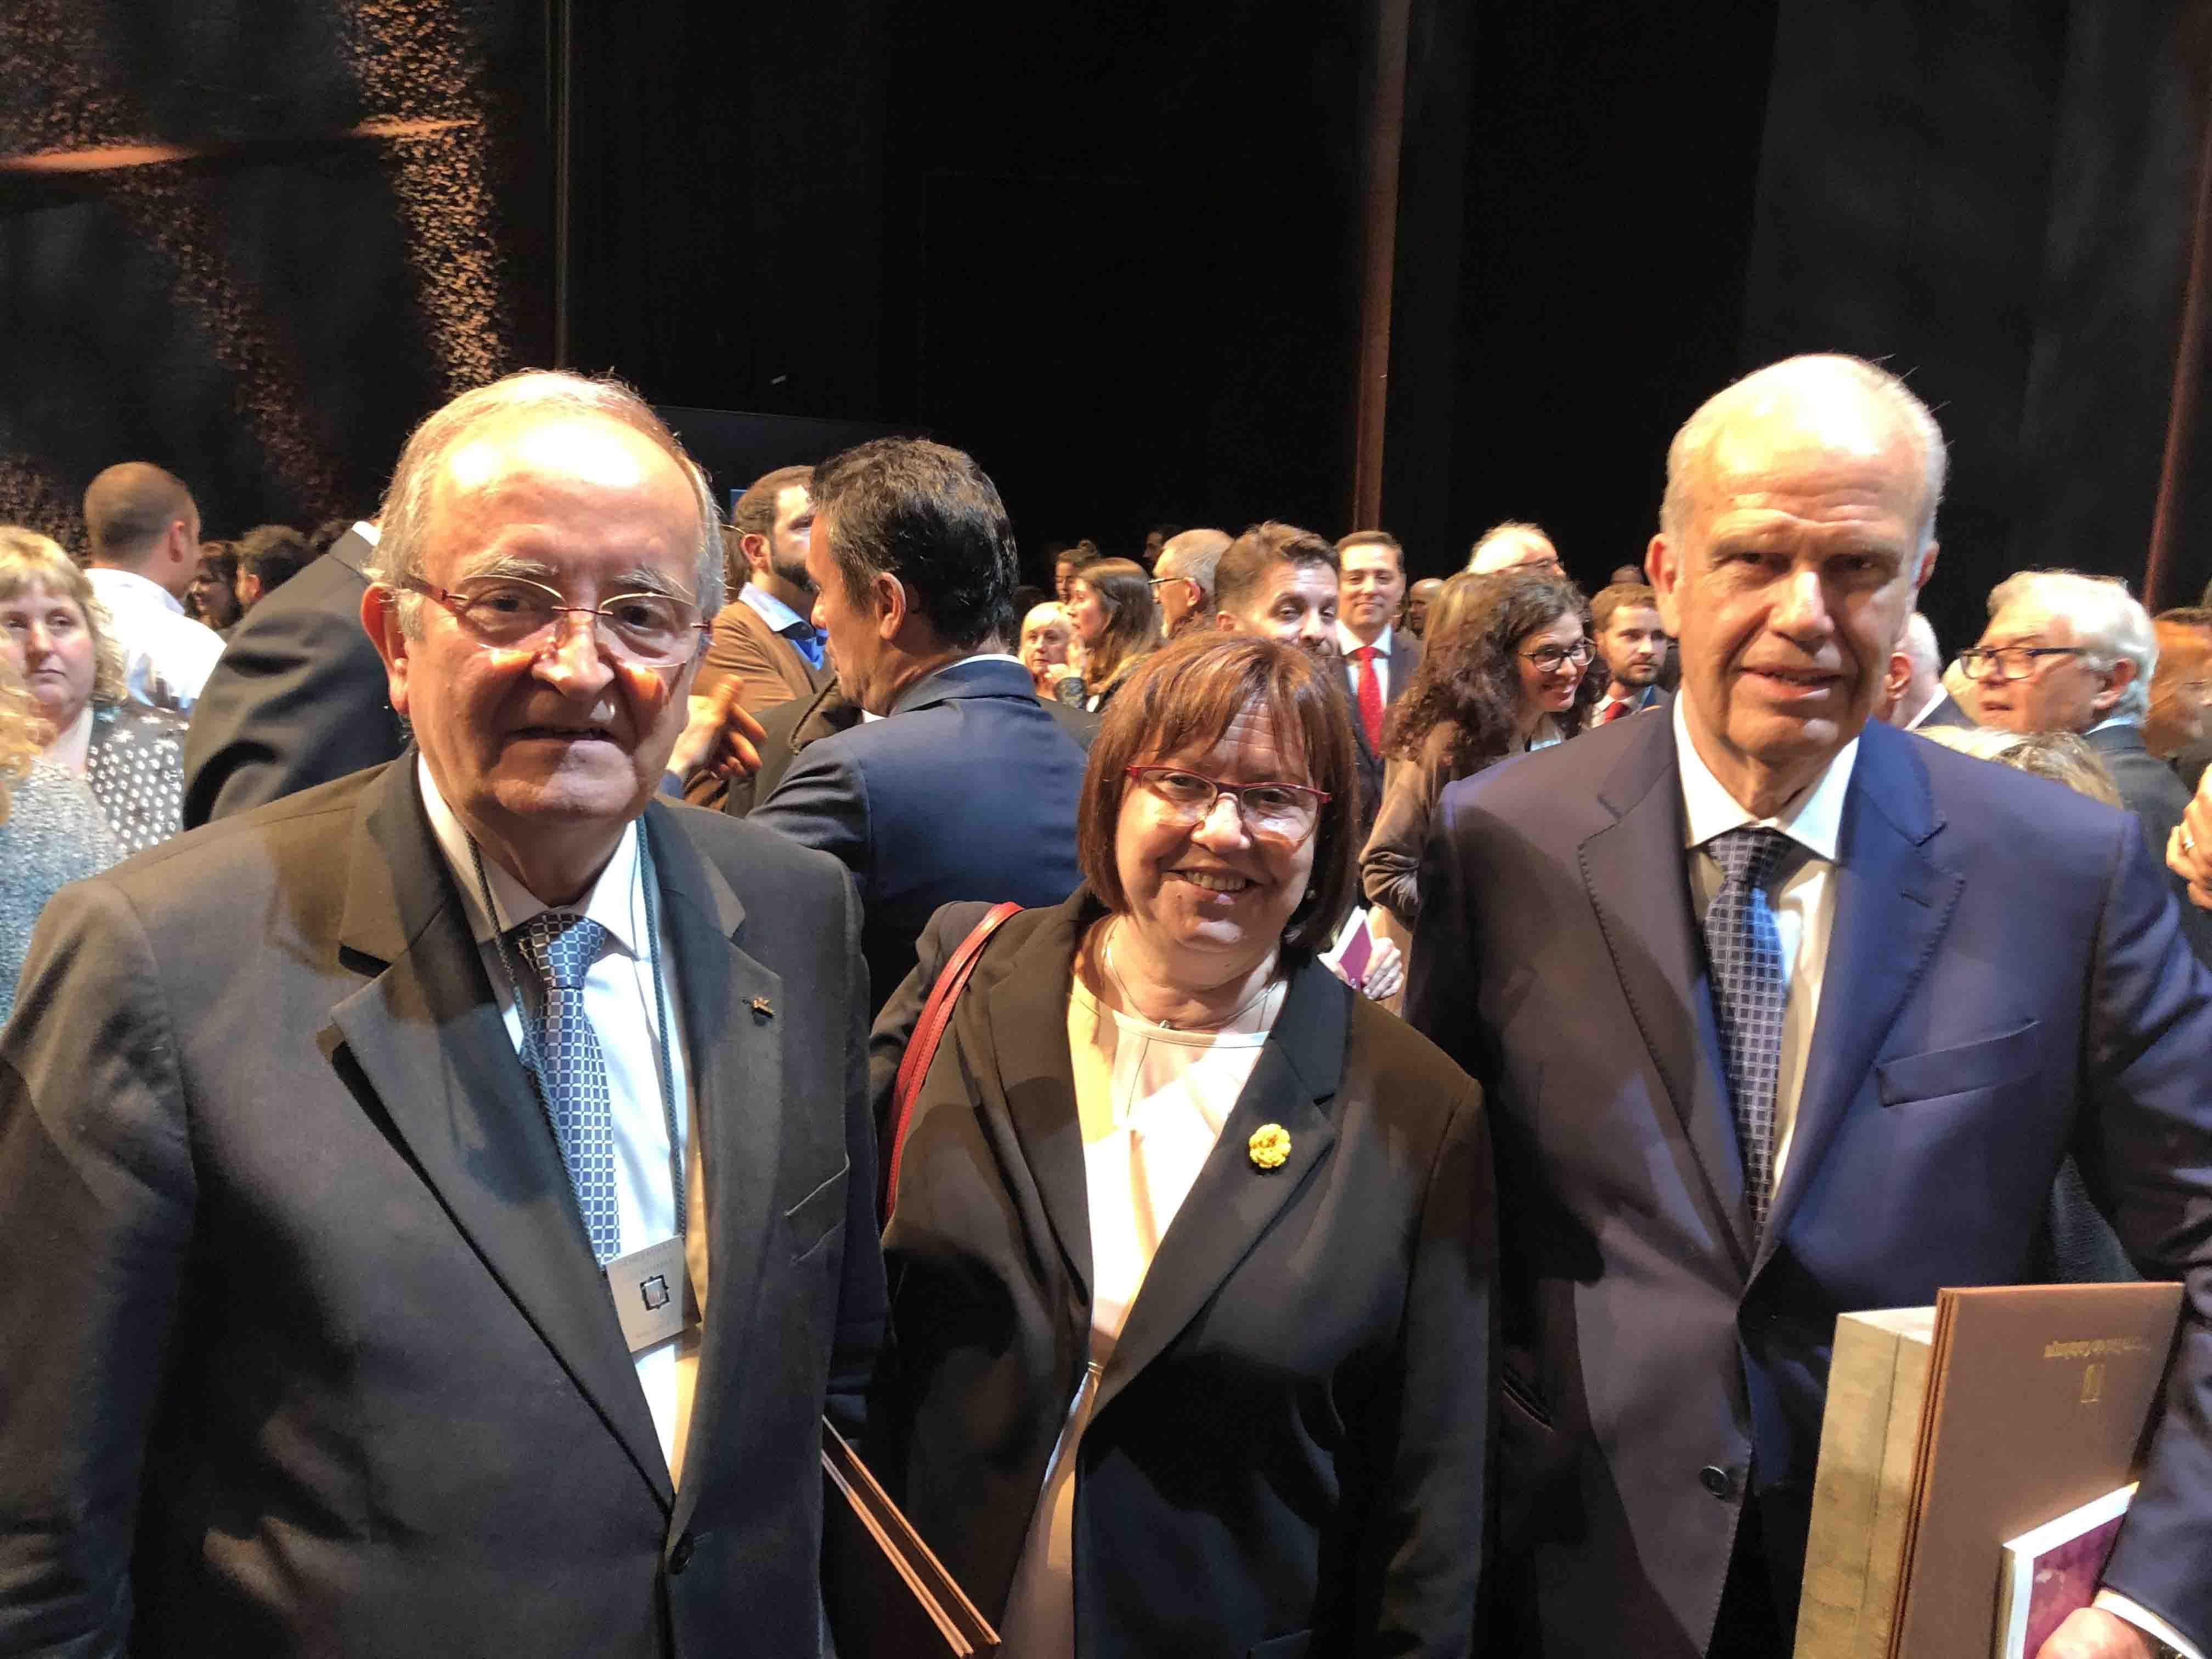 L'Ateneu de Tàrrega ha rebut la Creu de Sant Jordi l'any del seu centenari